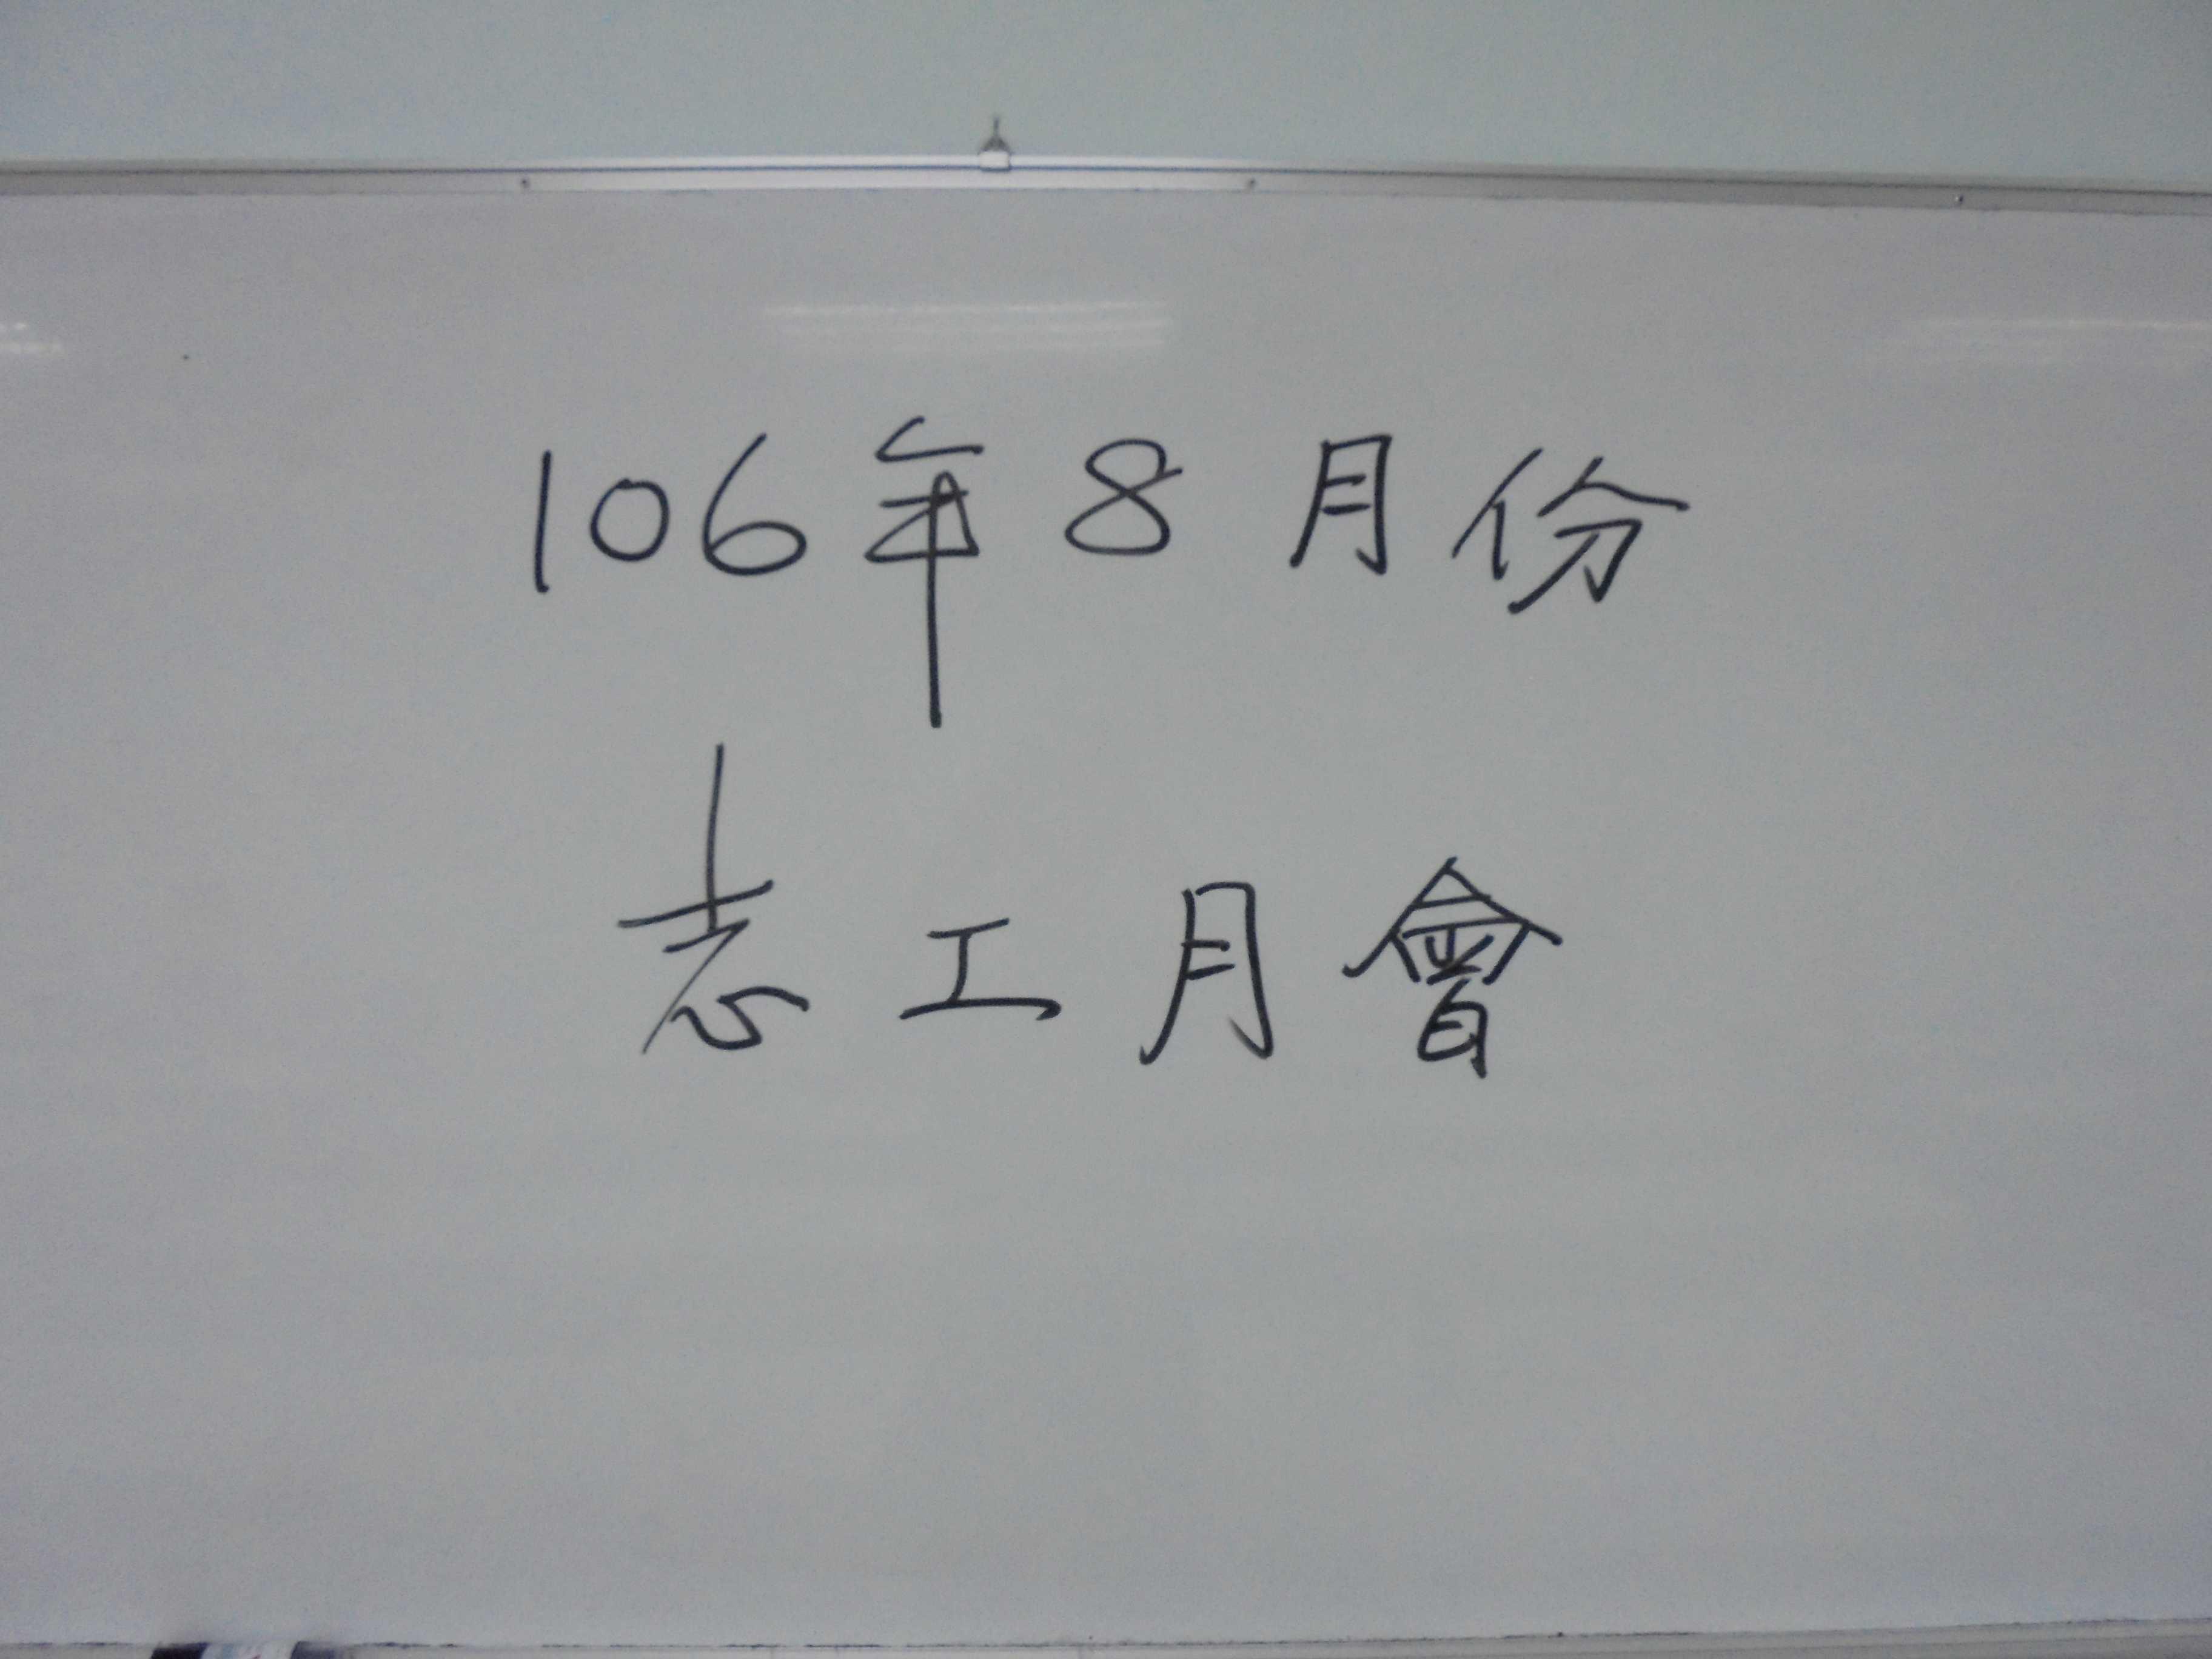 高雄市鳳山老人活動中心106年8月份志工月會